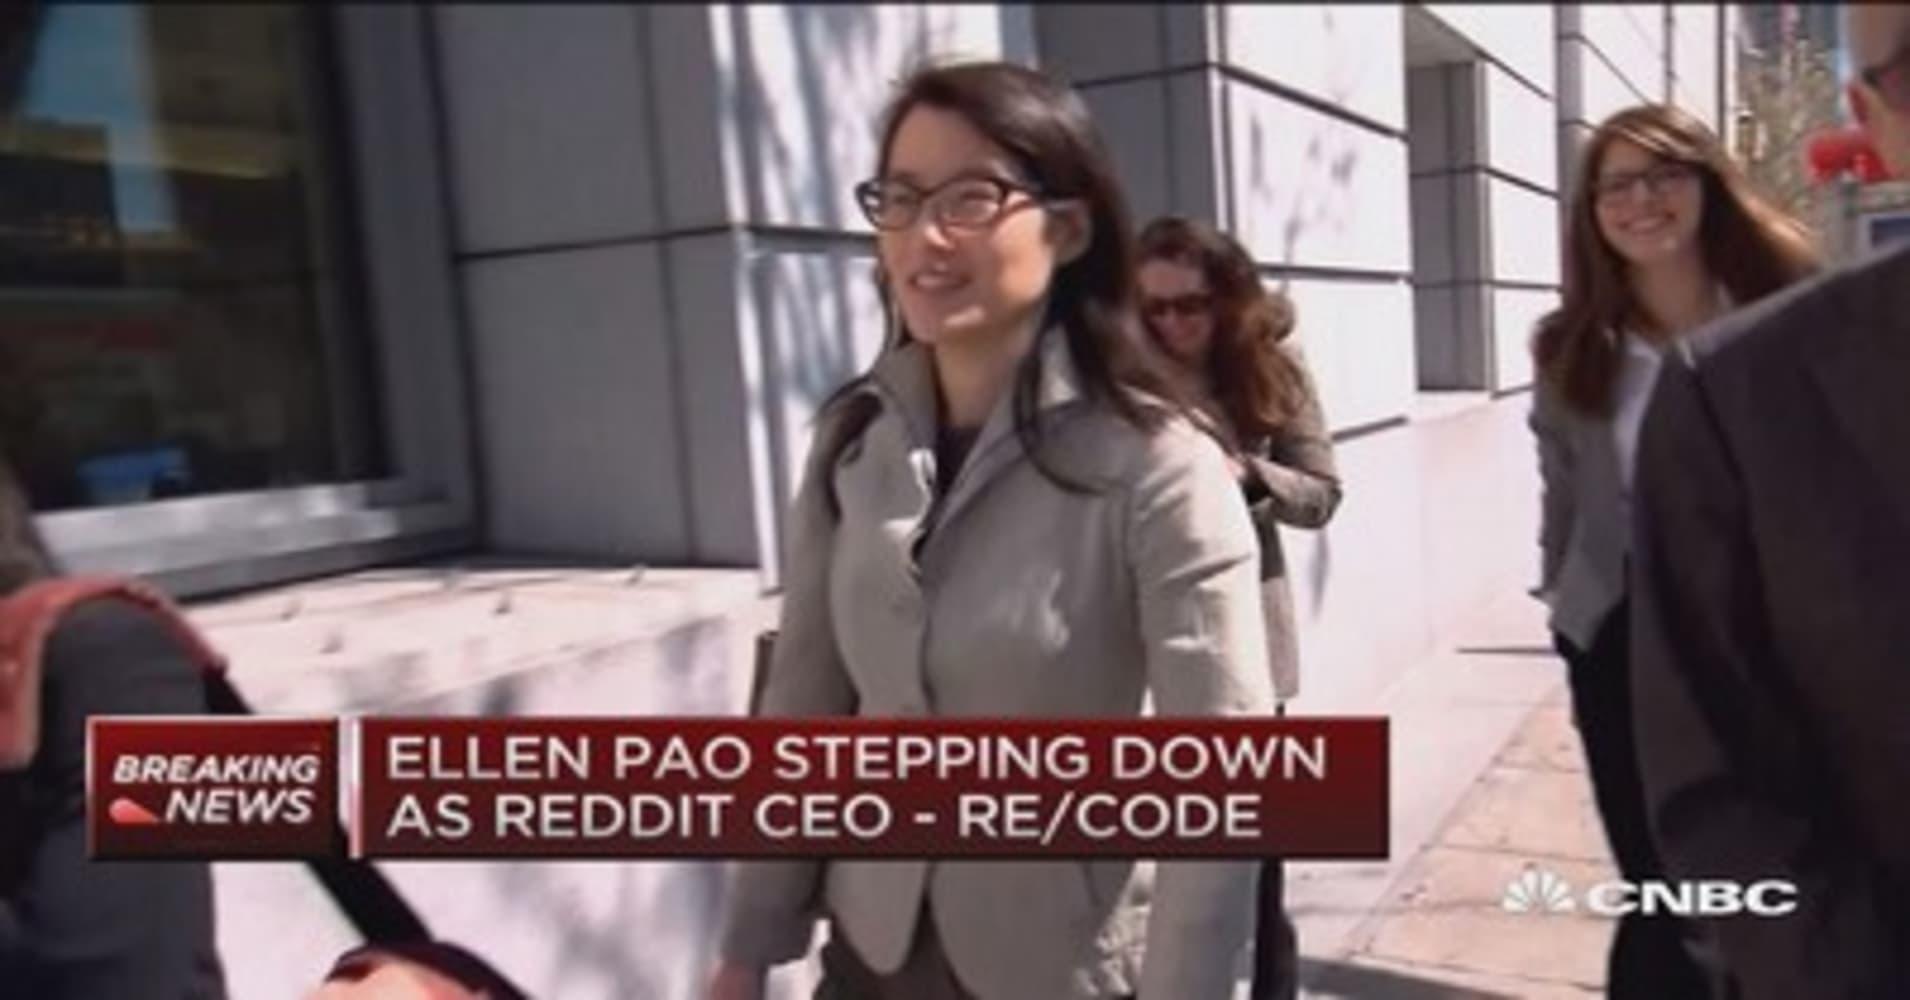 Ellen Pao steps down as Reddit CEO: Re/code